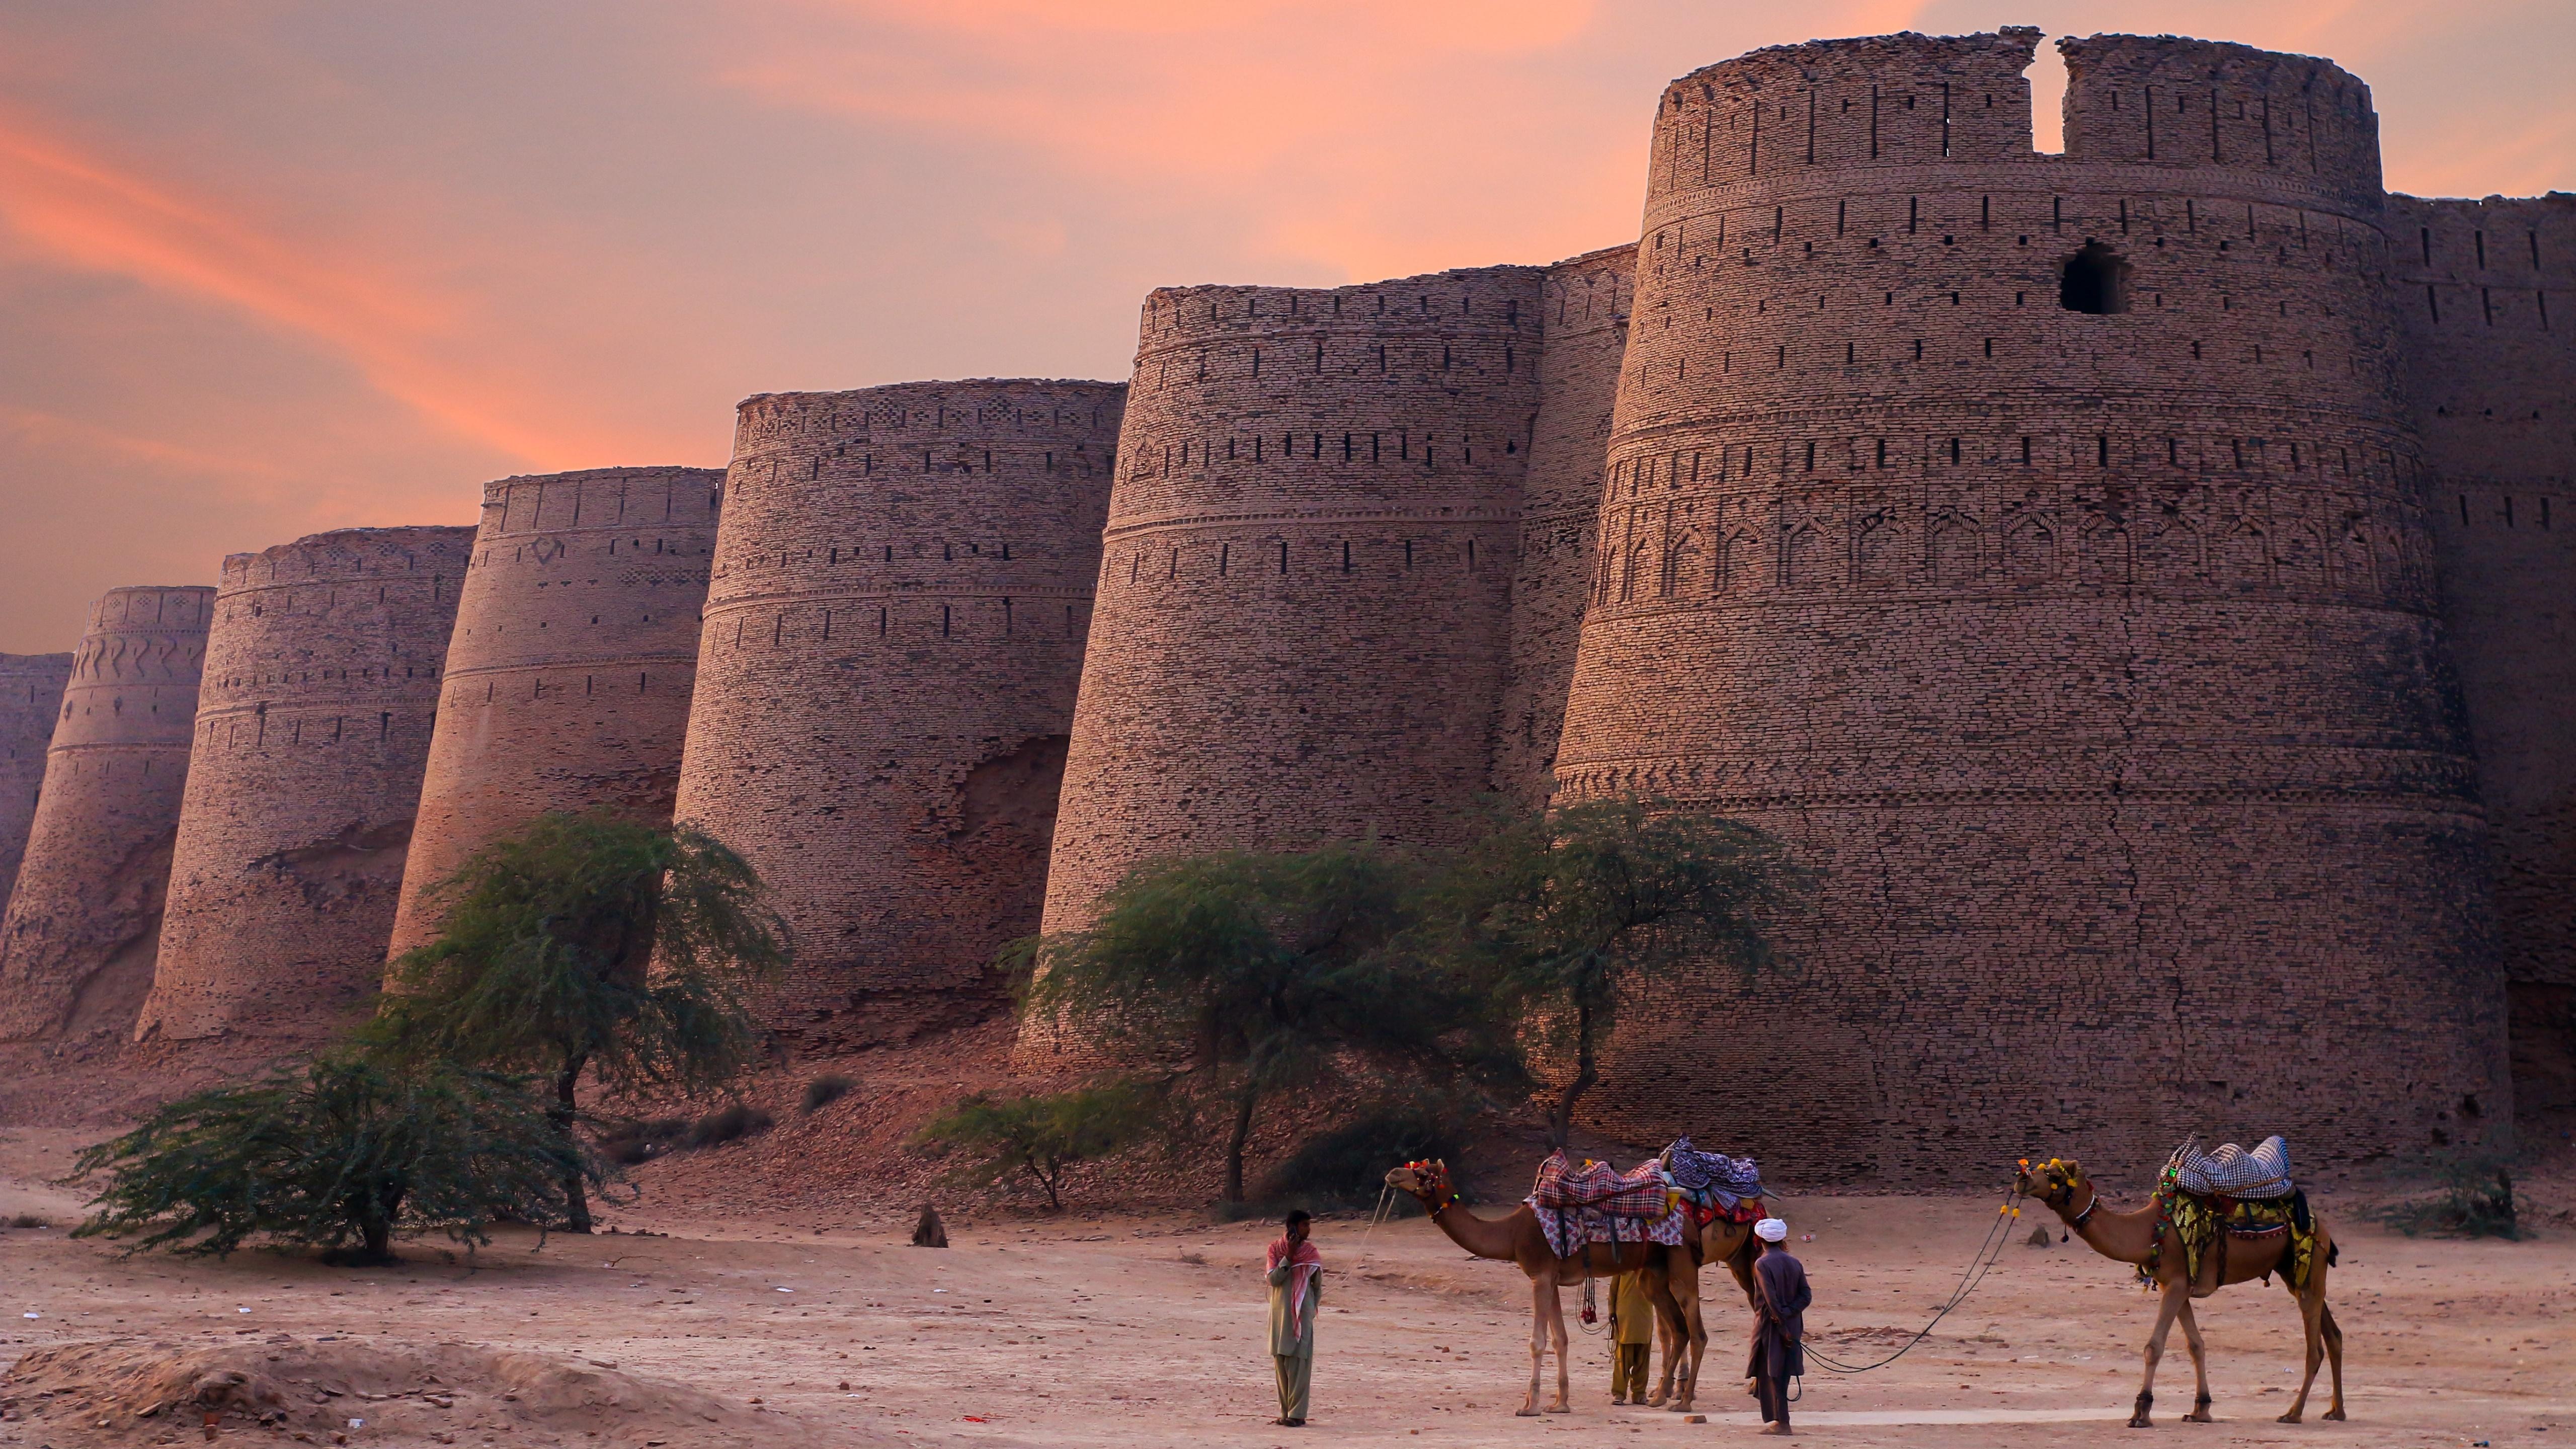 Derawar Fort (Pakistan) wallpaper